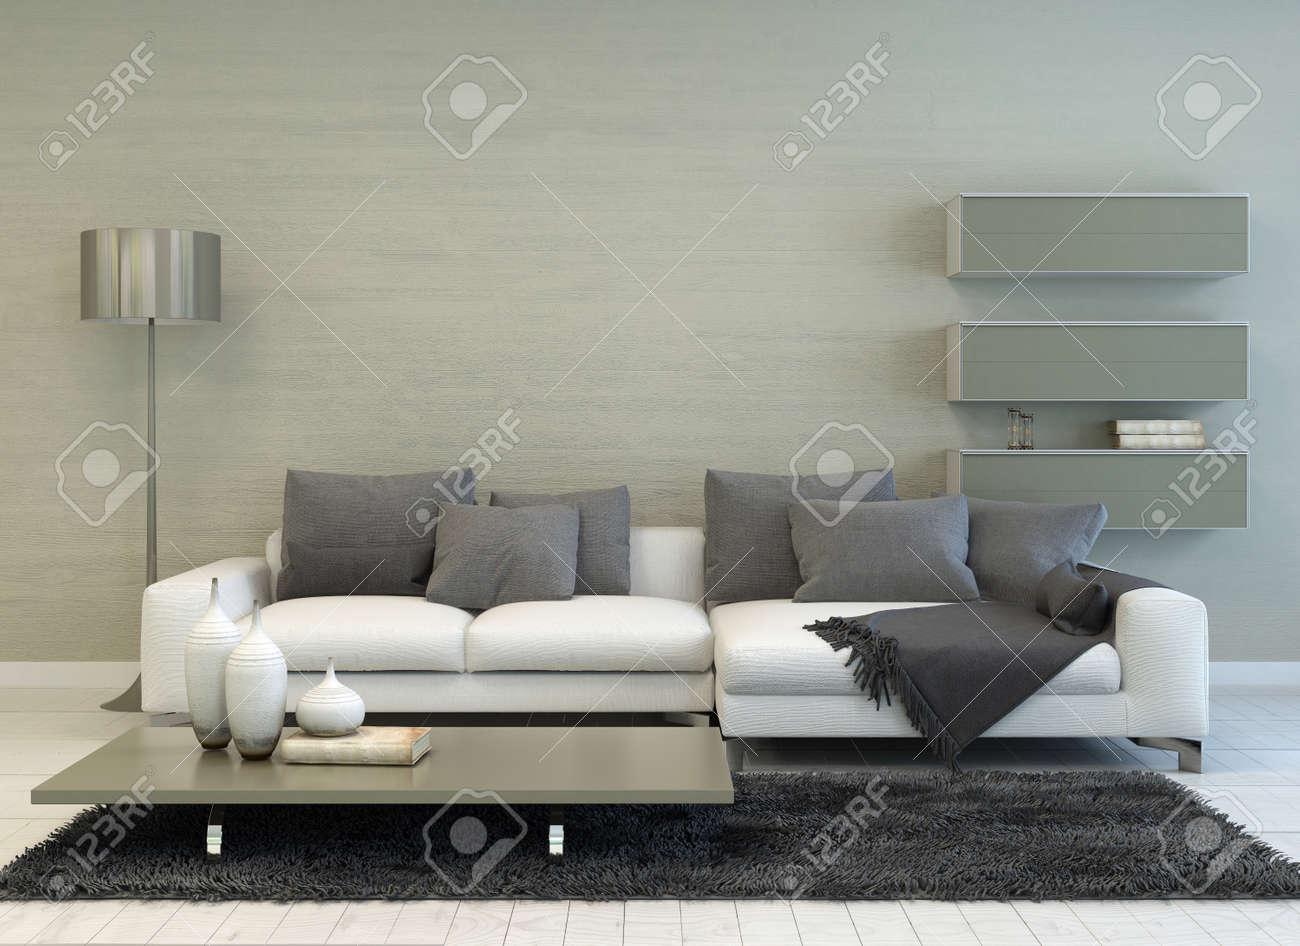 Moderne Grijze En Witte Woonkamer Met Floor Lamp, Sofa ...